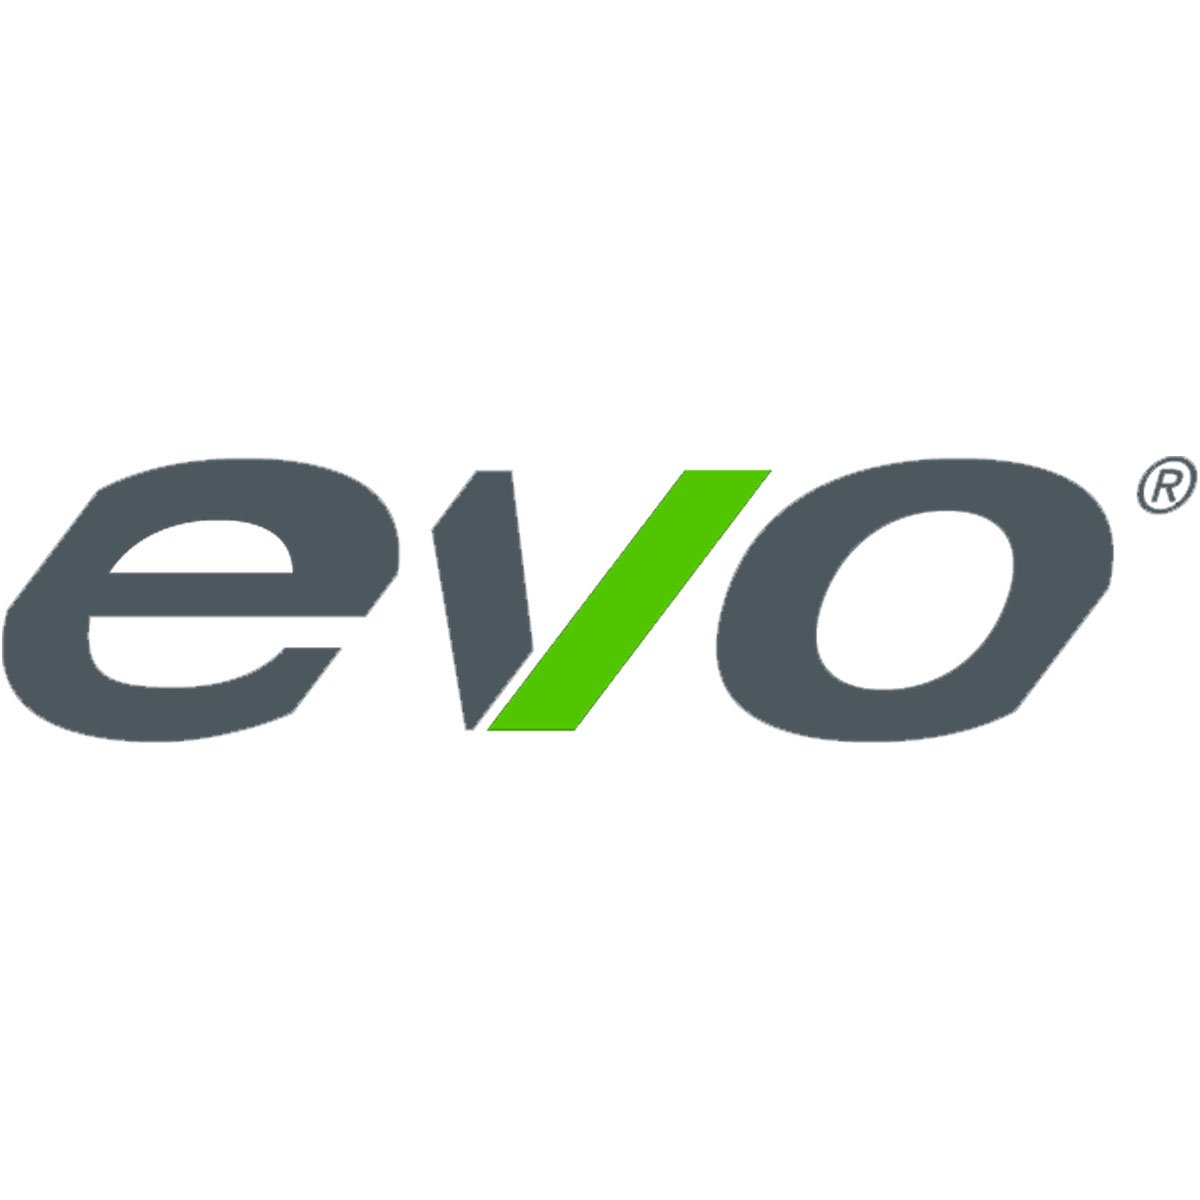 Résultats de recherche d'images pour «evo bike logo»